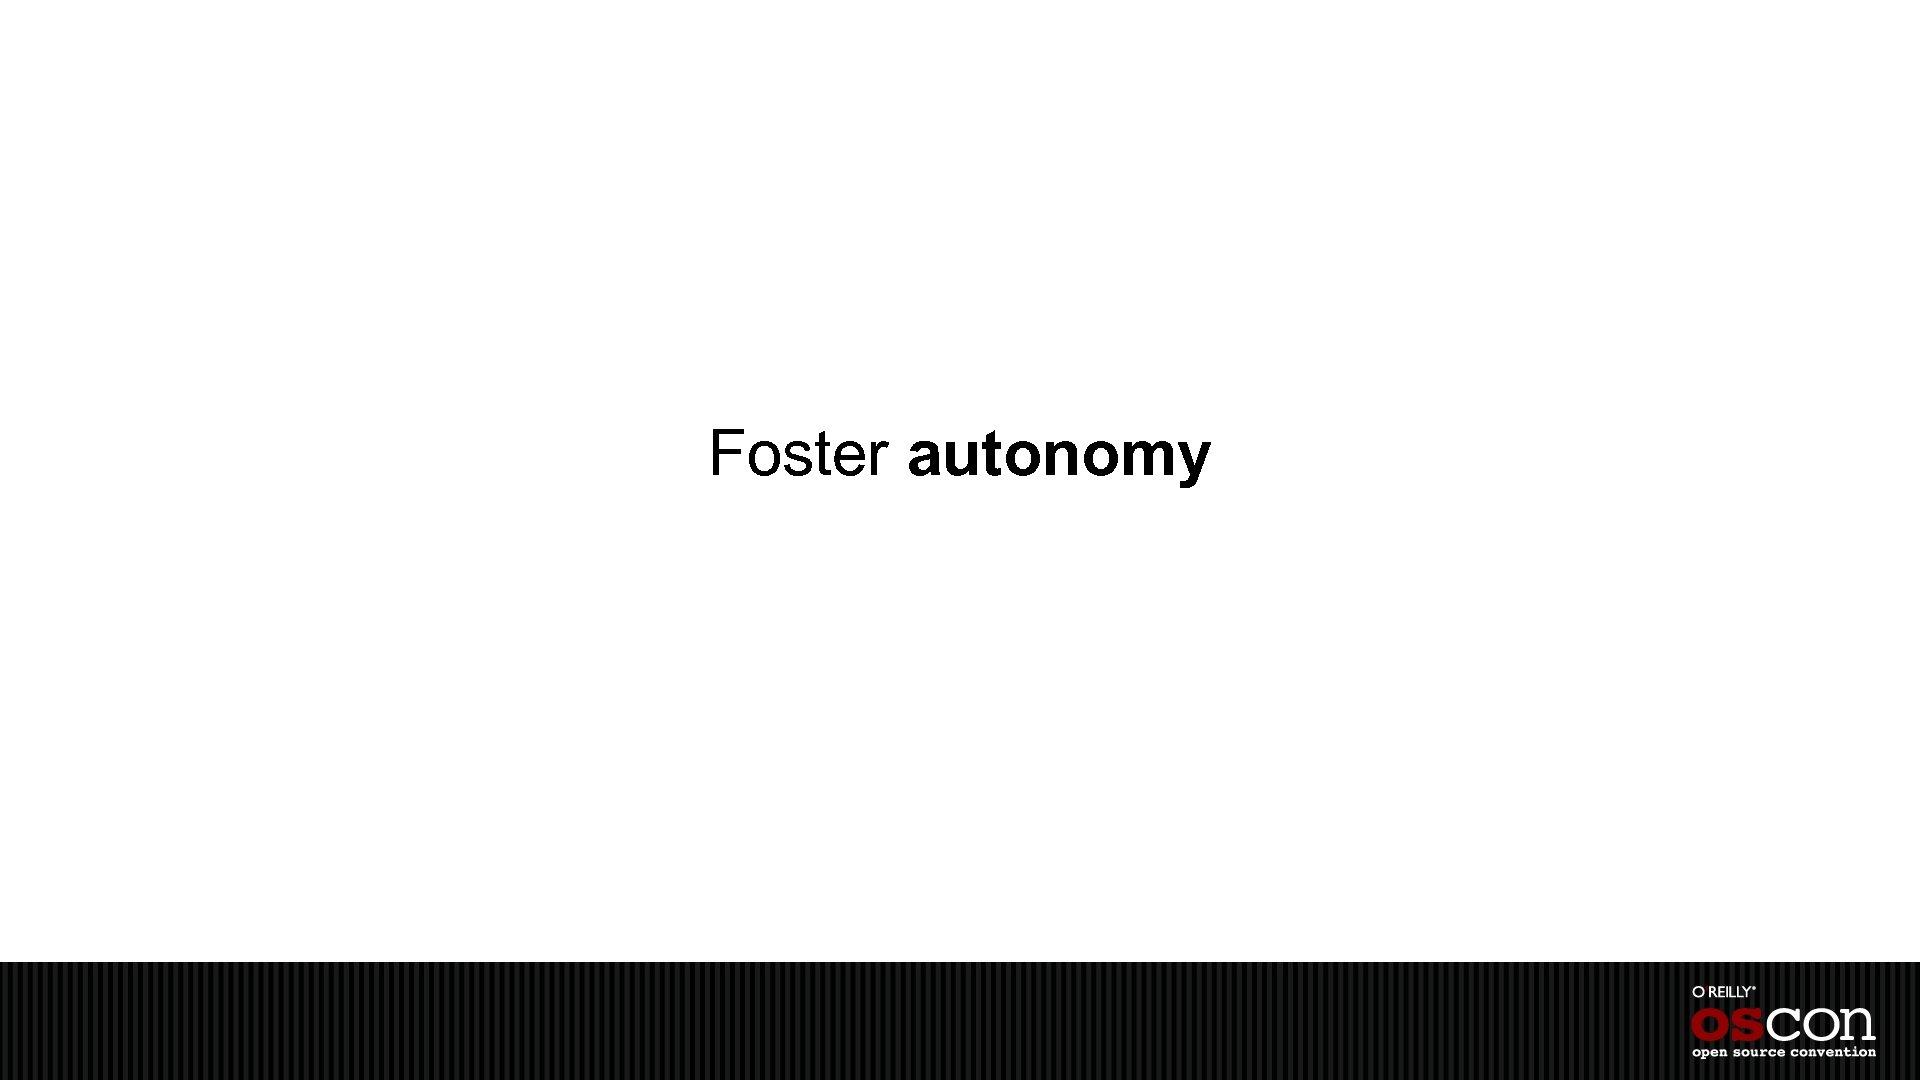 Foster autonomy